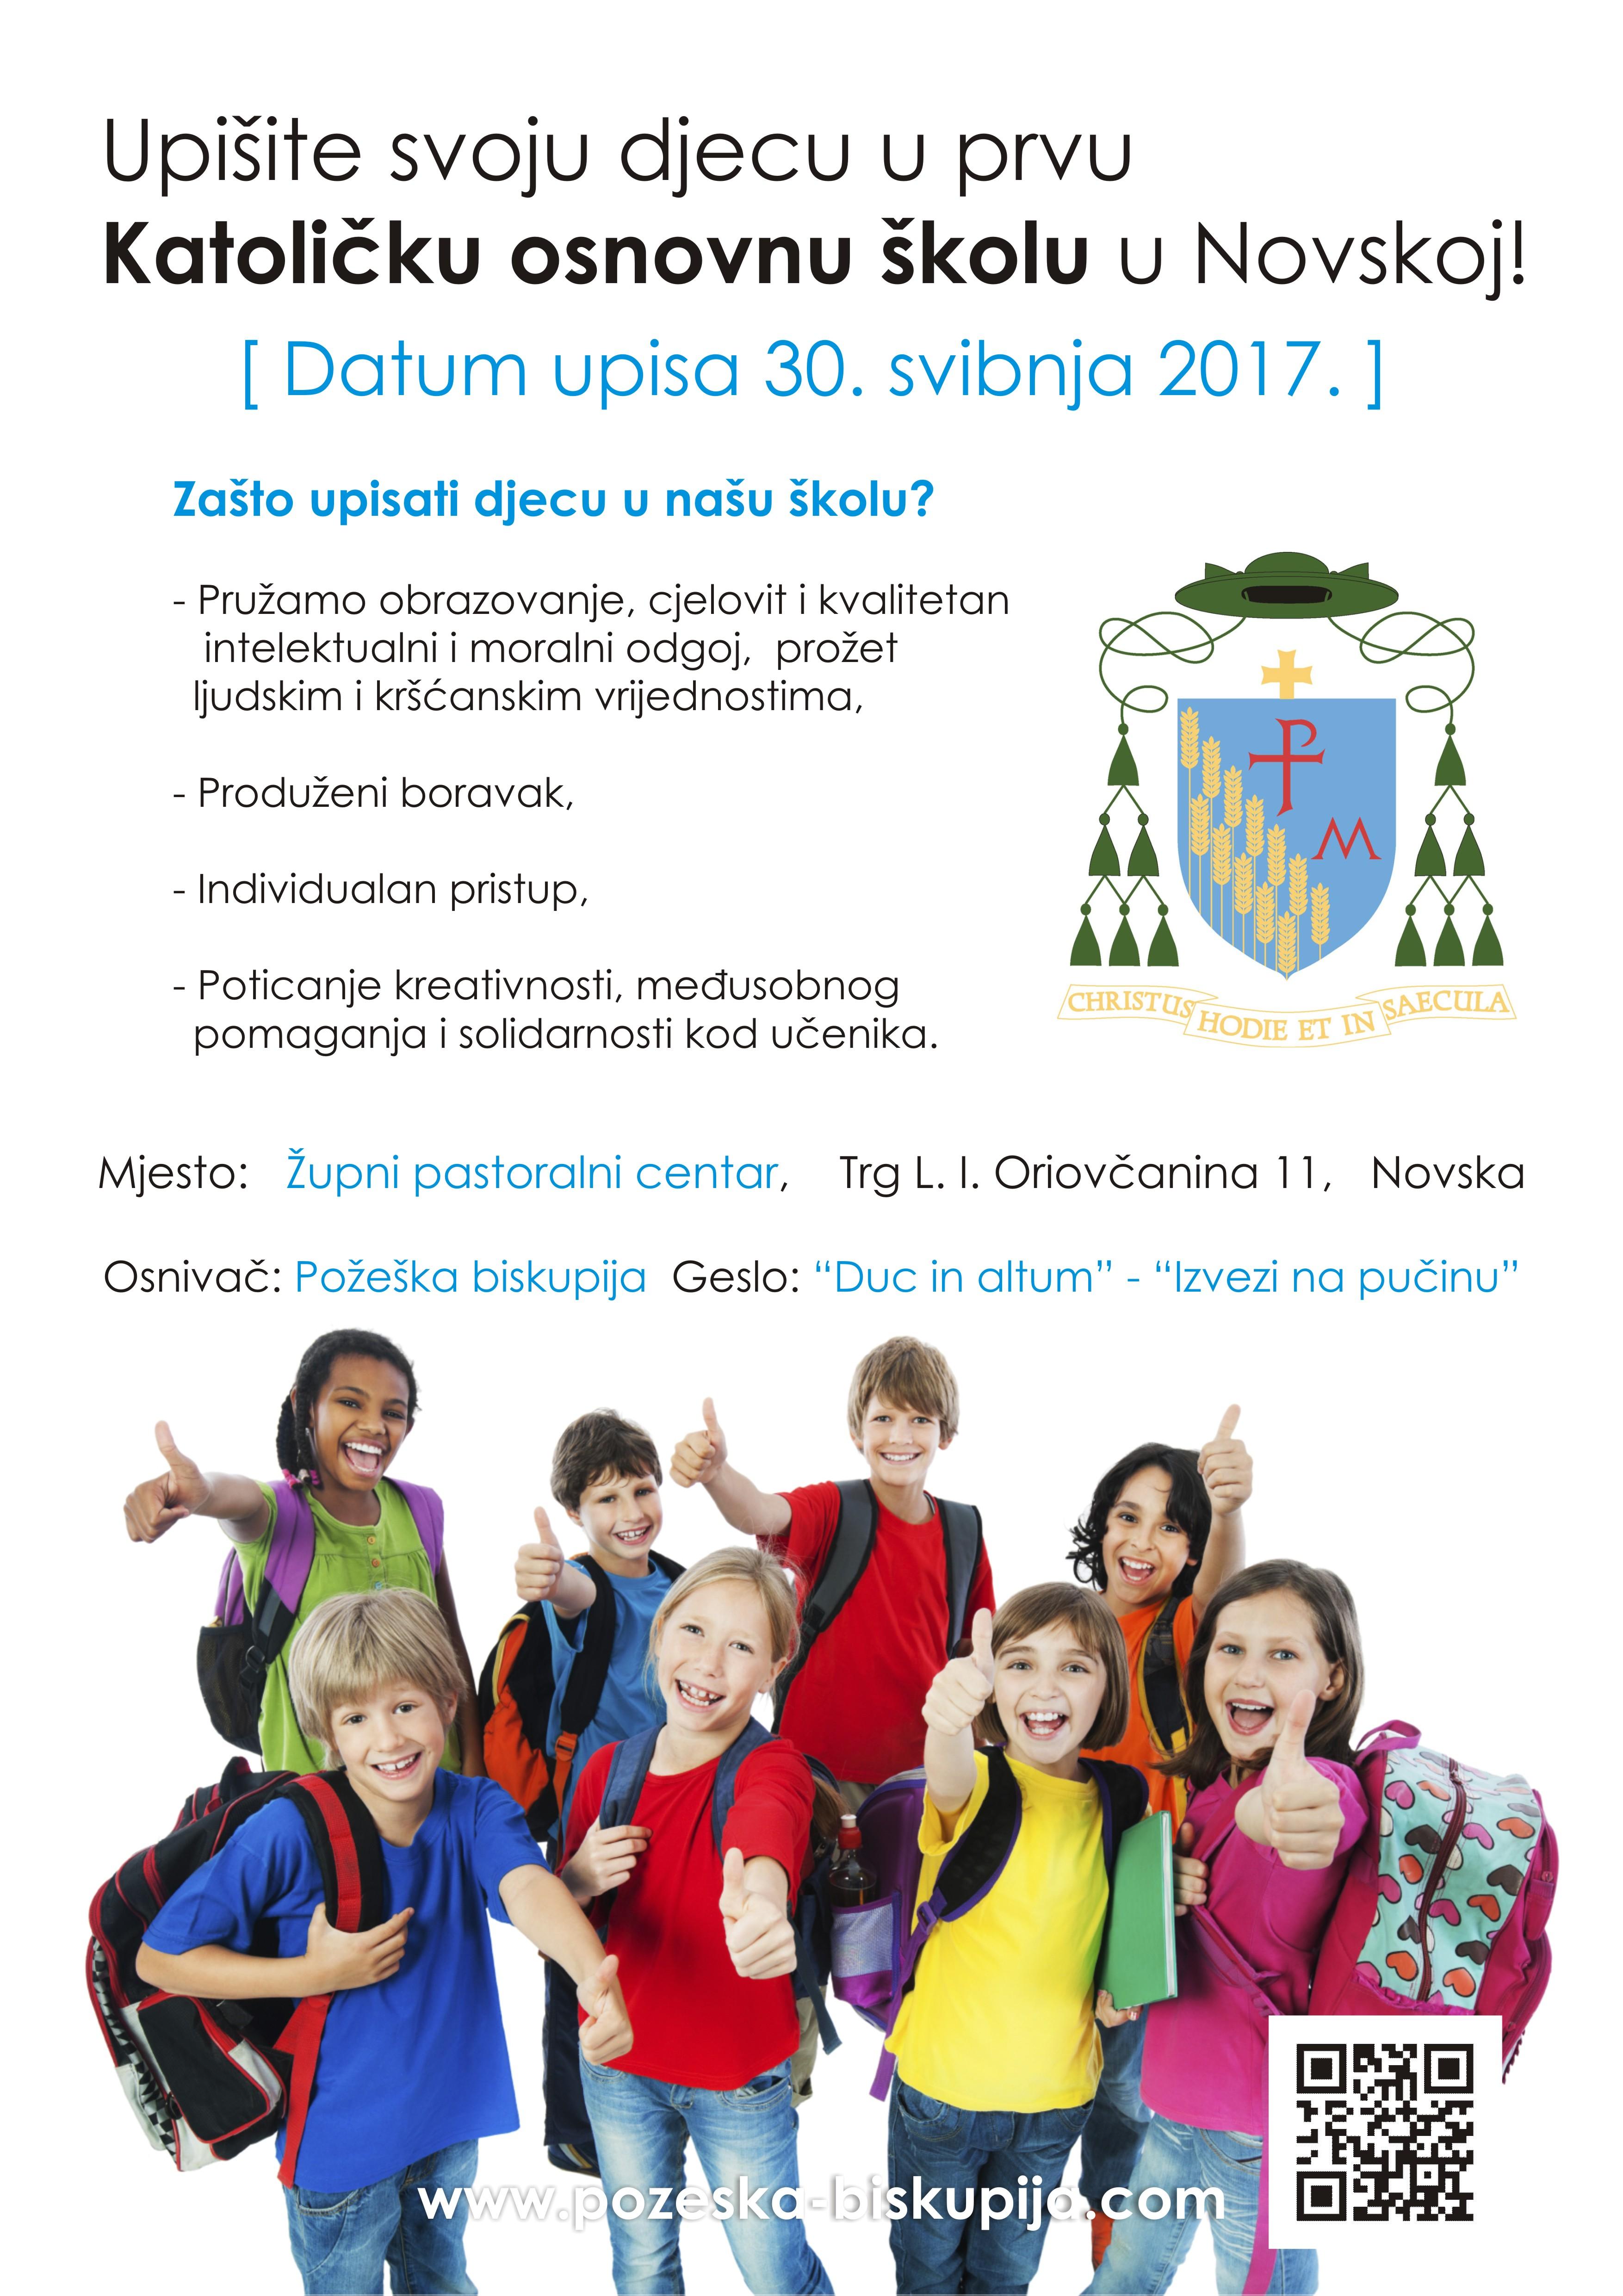 Katolička osnovna škola u Novskoj